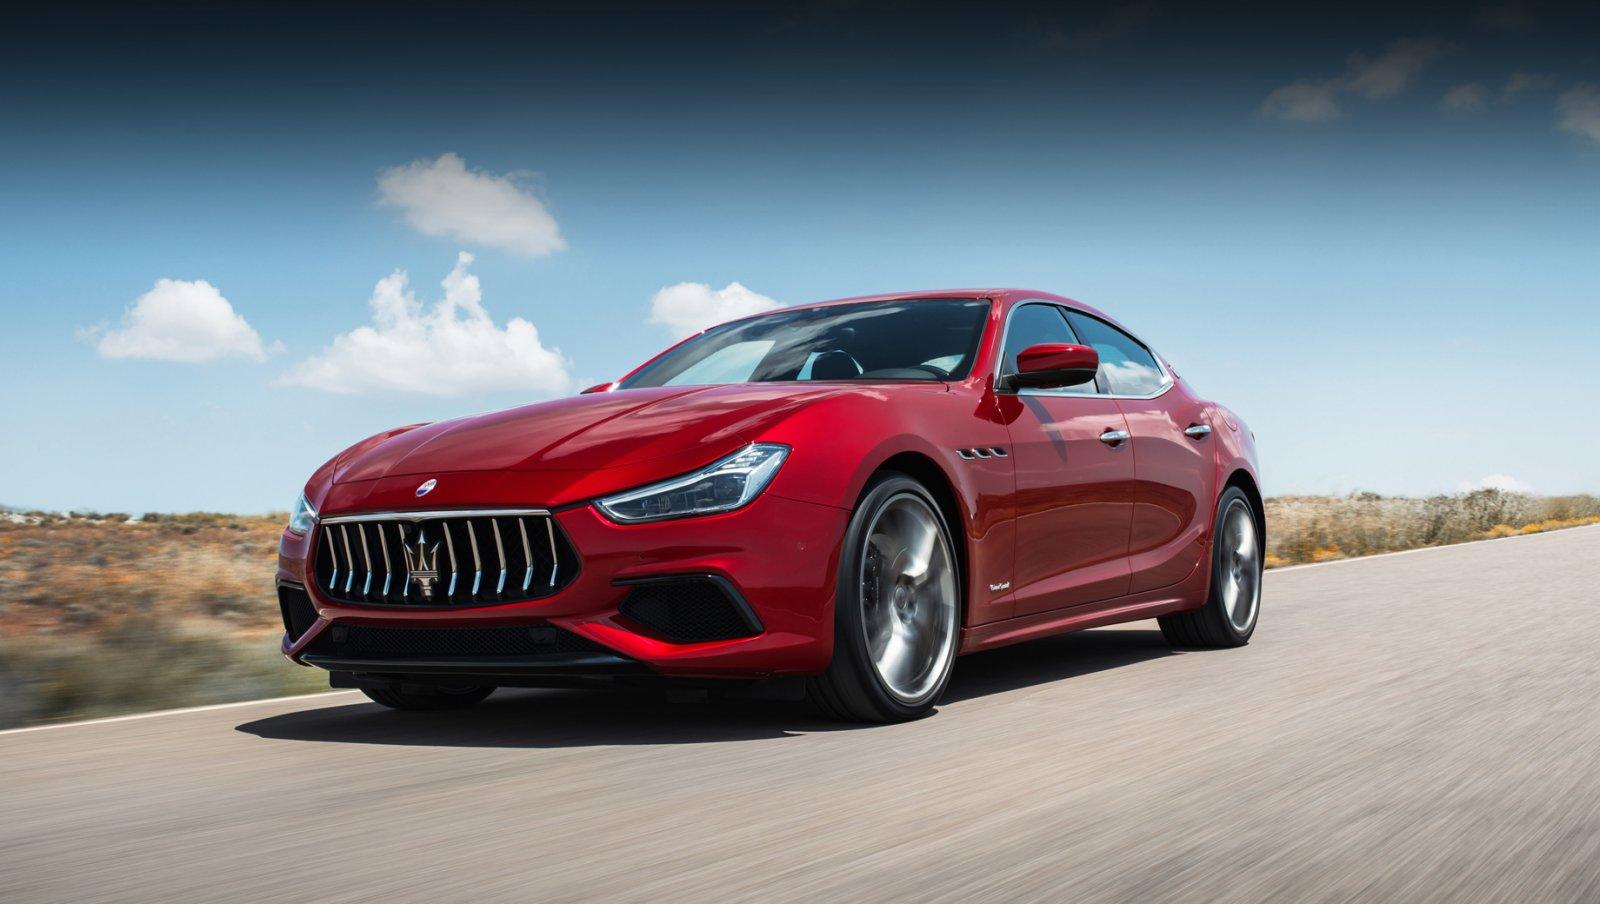 Відновлення передніх важелів Maserati Ghibli (кульові опори та всі сайлентблоки).